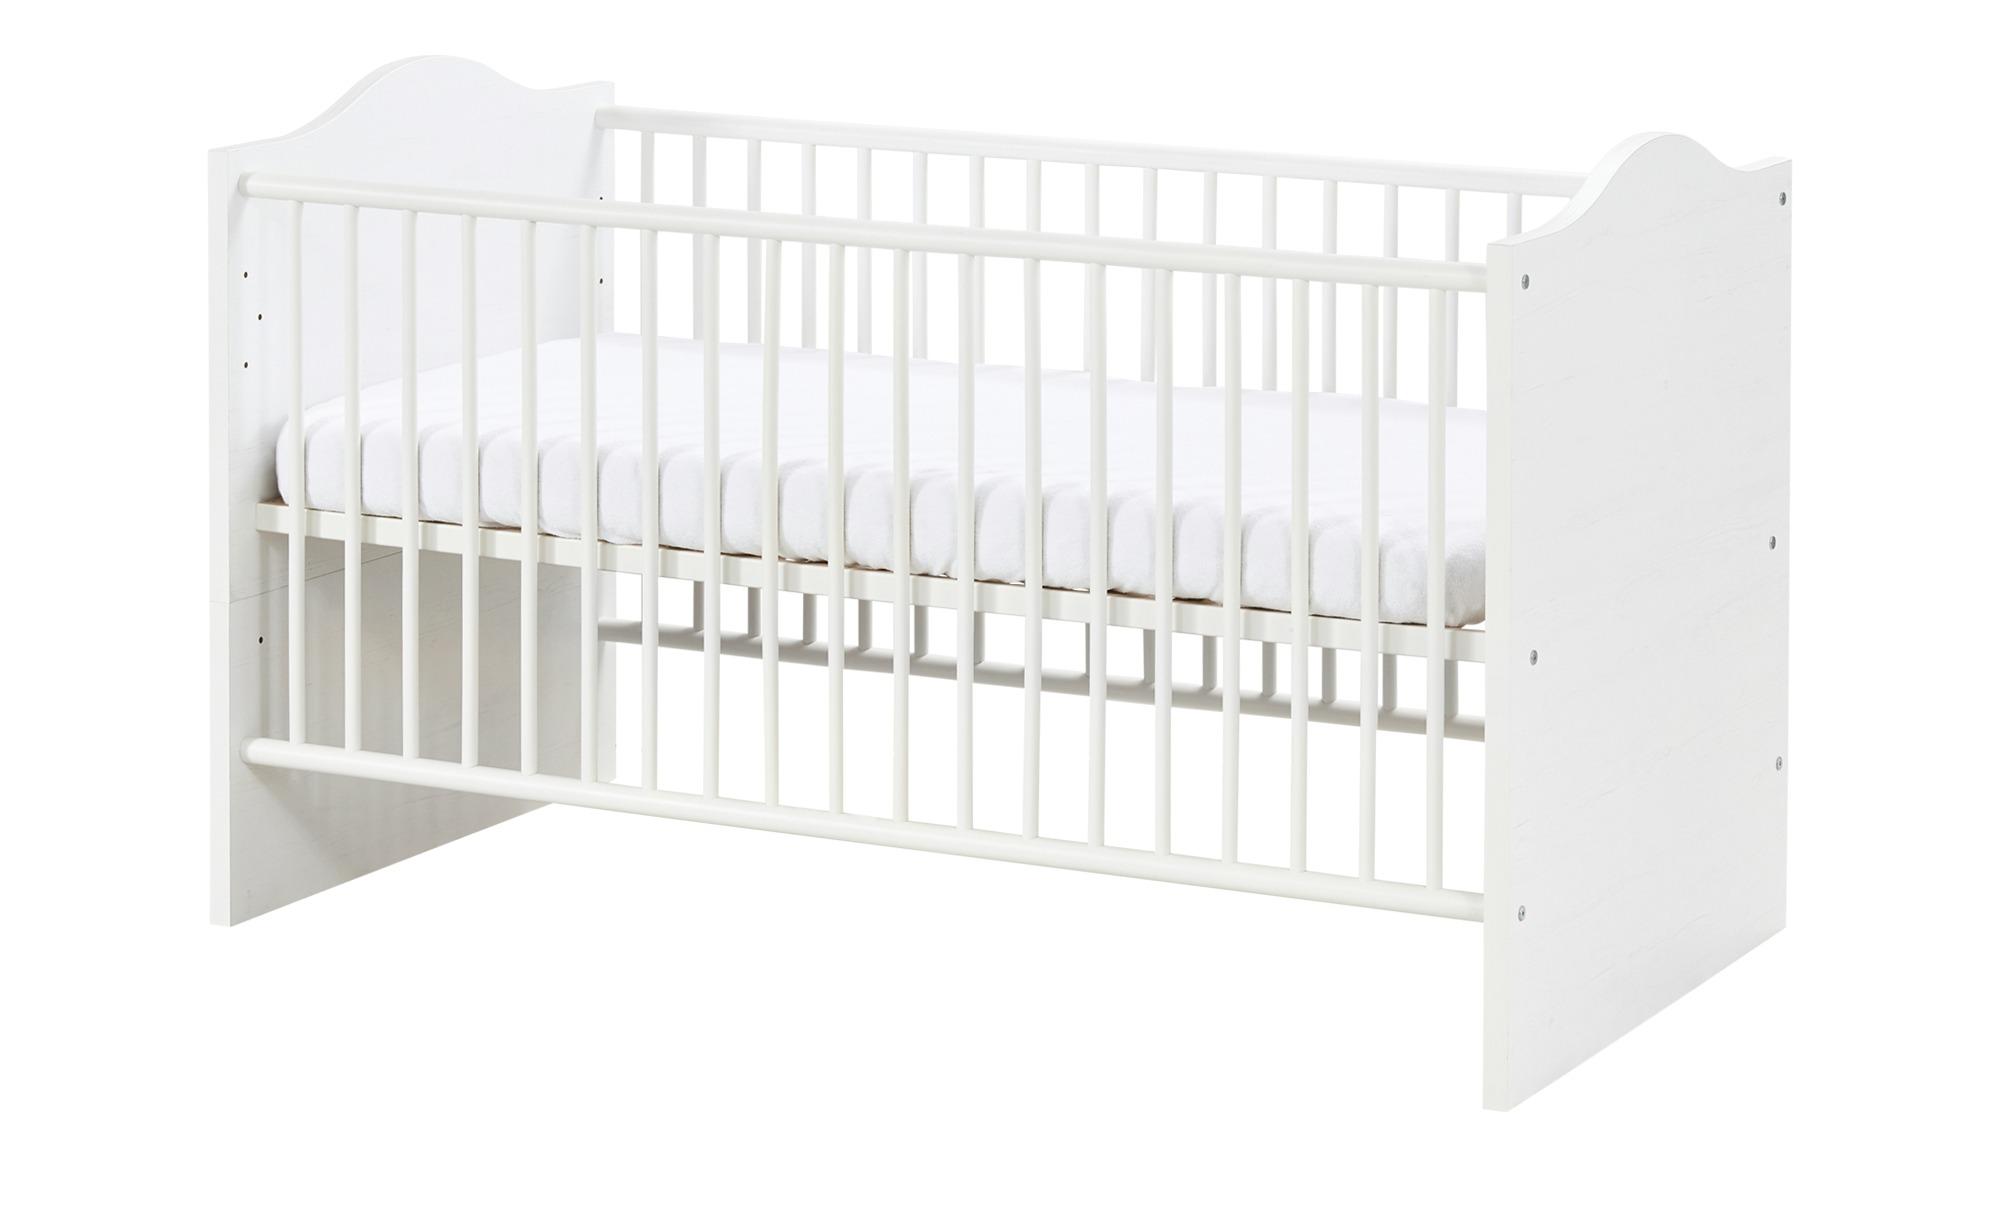 Kinderbett - weiß - 78 cm - 89 cm - 144 cm - Baby > Babymöbel > Babybetten - Möbel Kraft | Kinderzimmer > Kinderbetten > Kinderbetten | Sconto